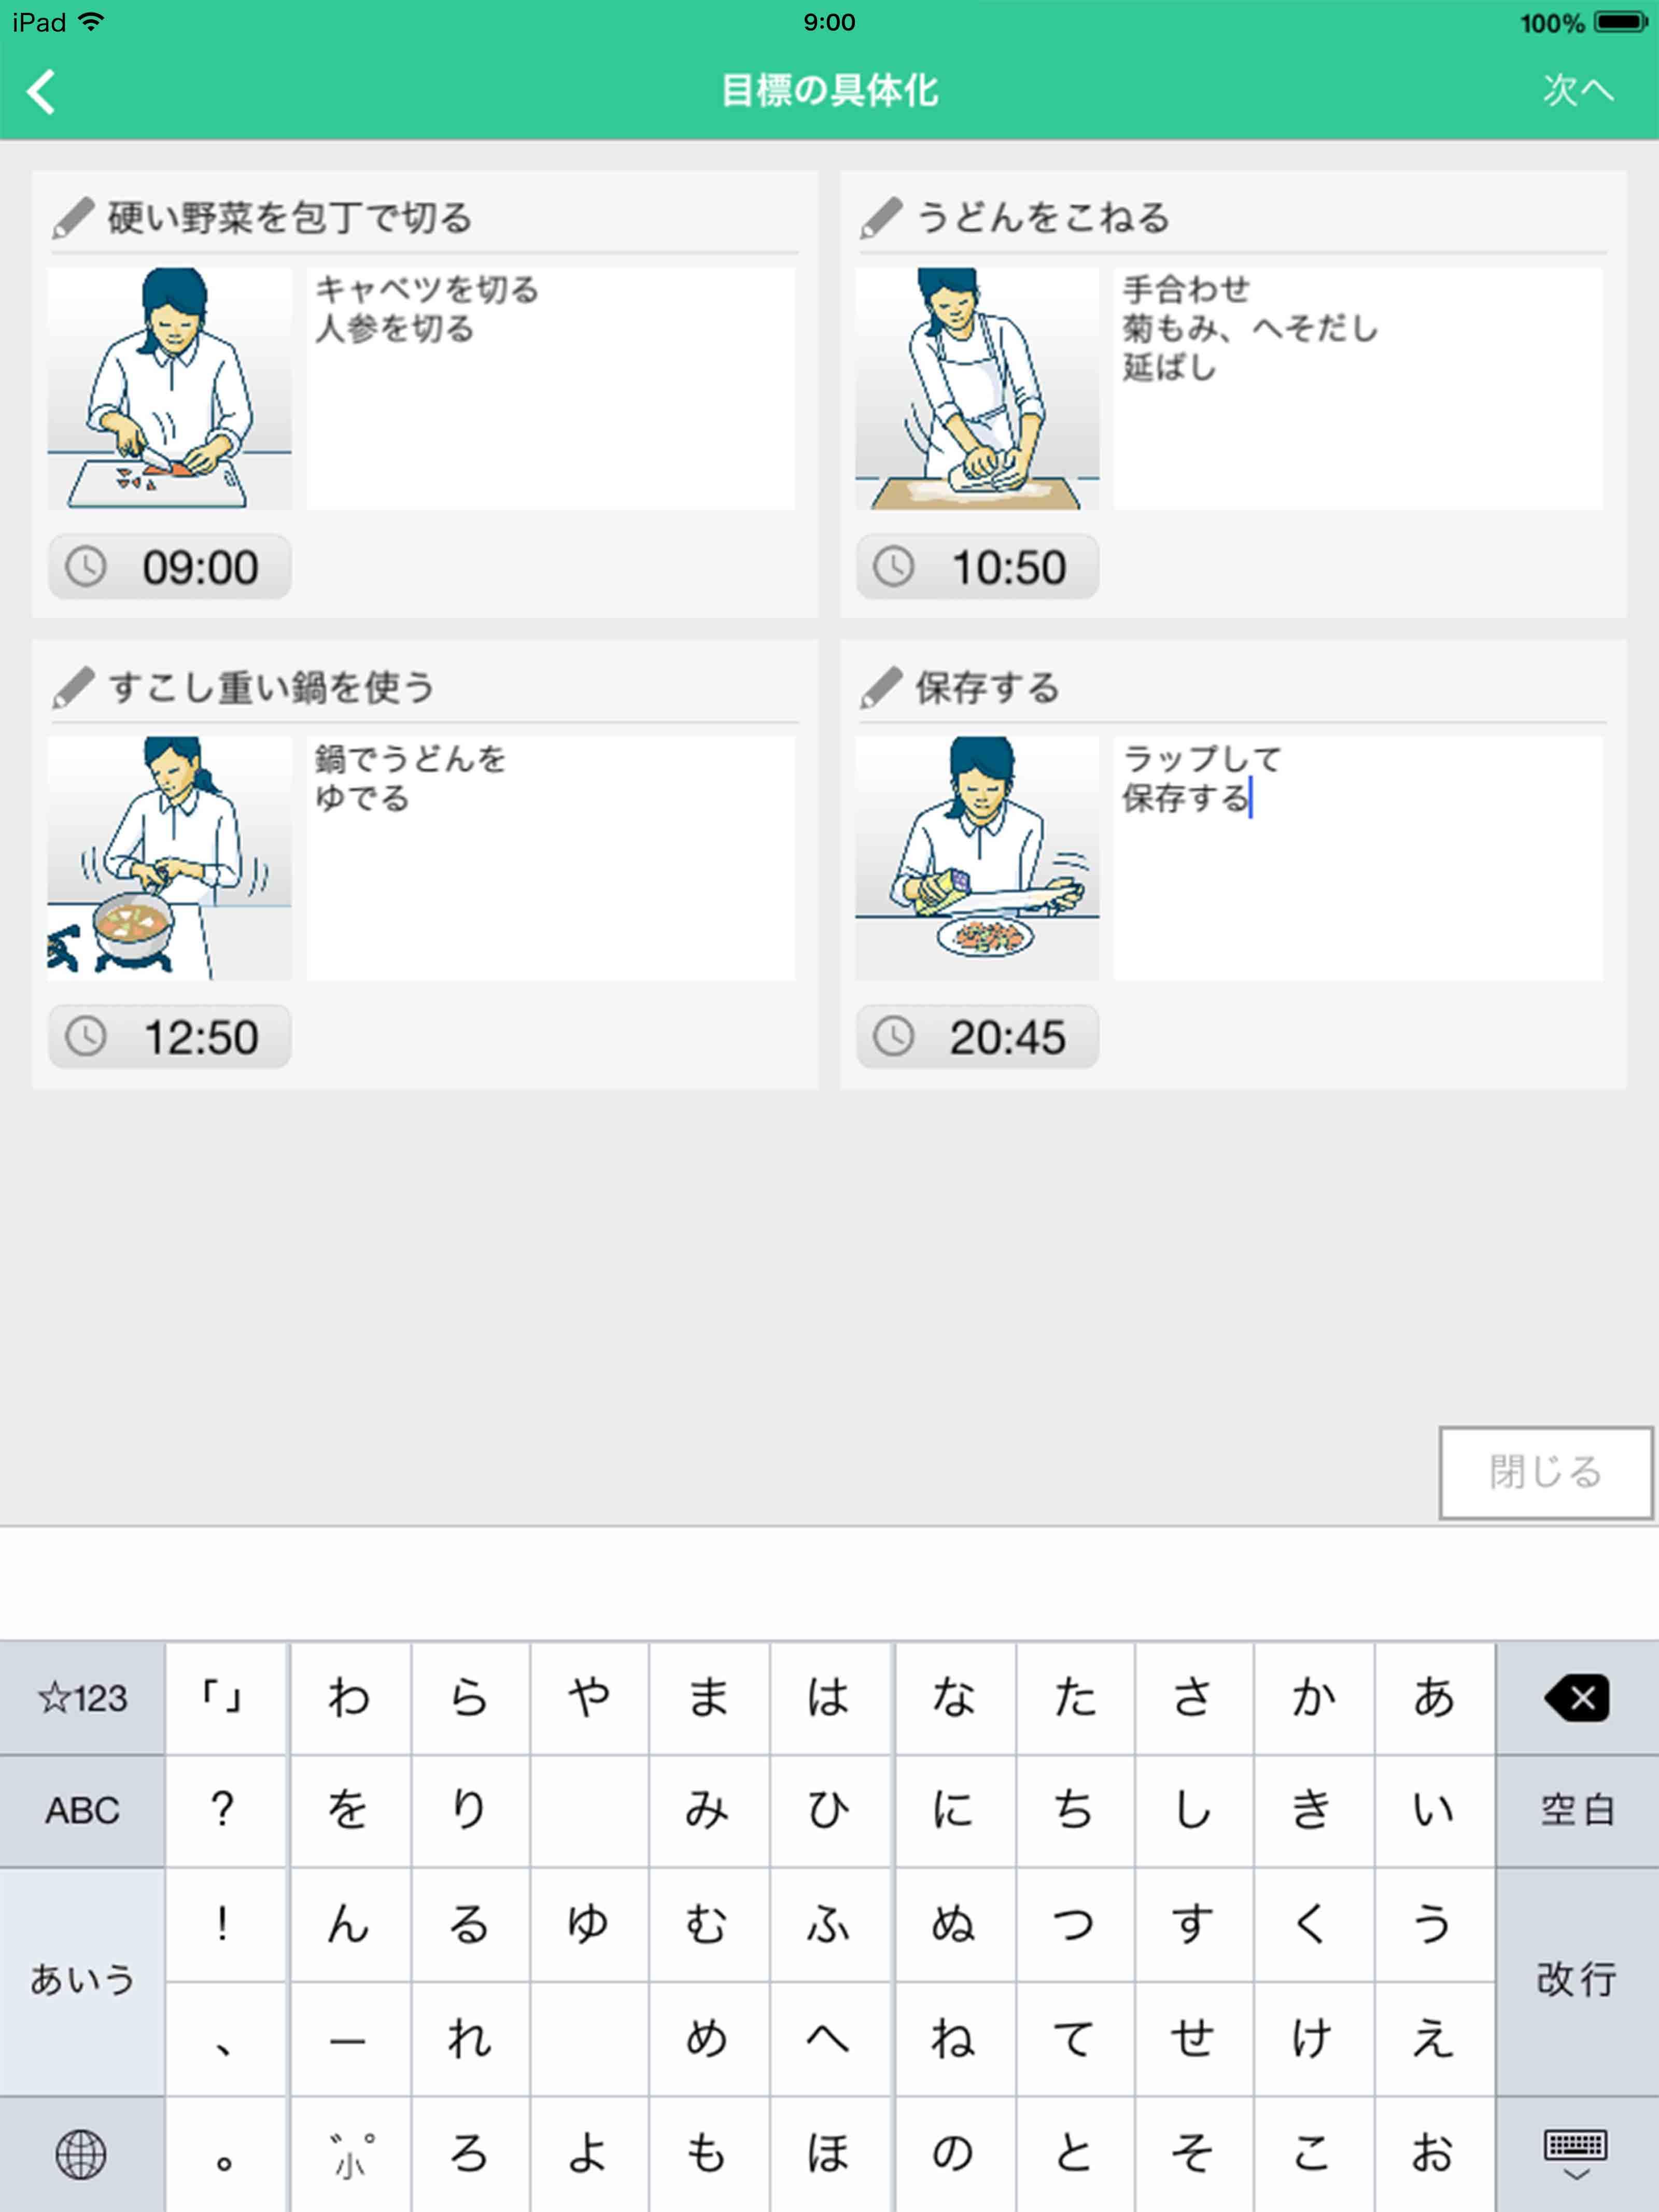 4.活動詳細